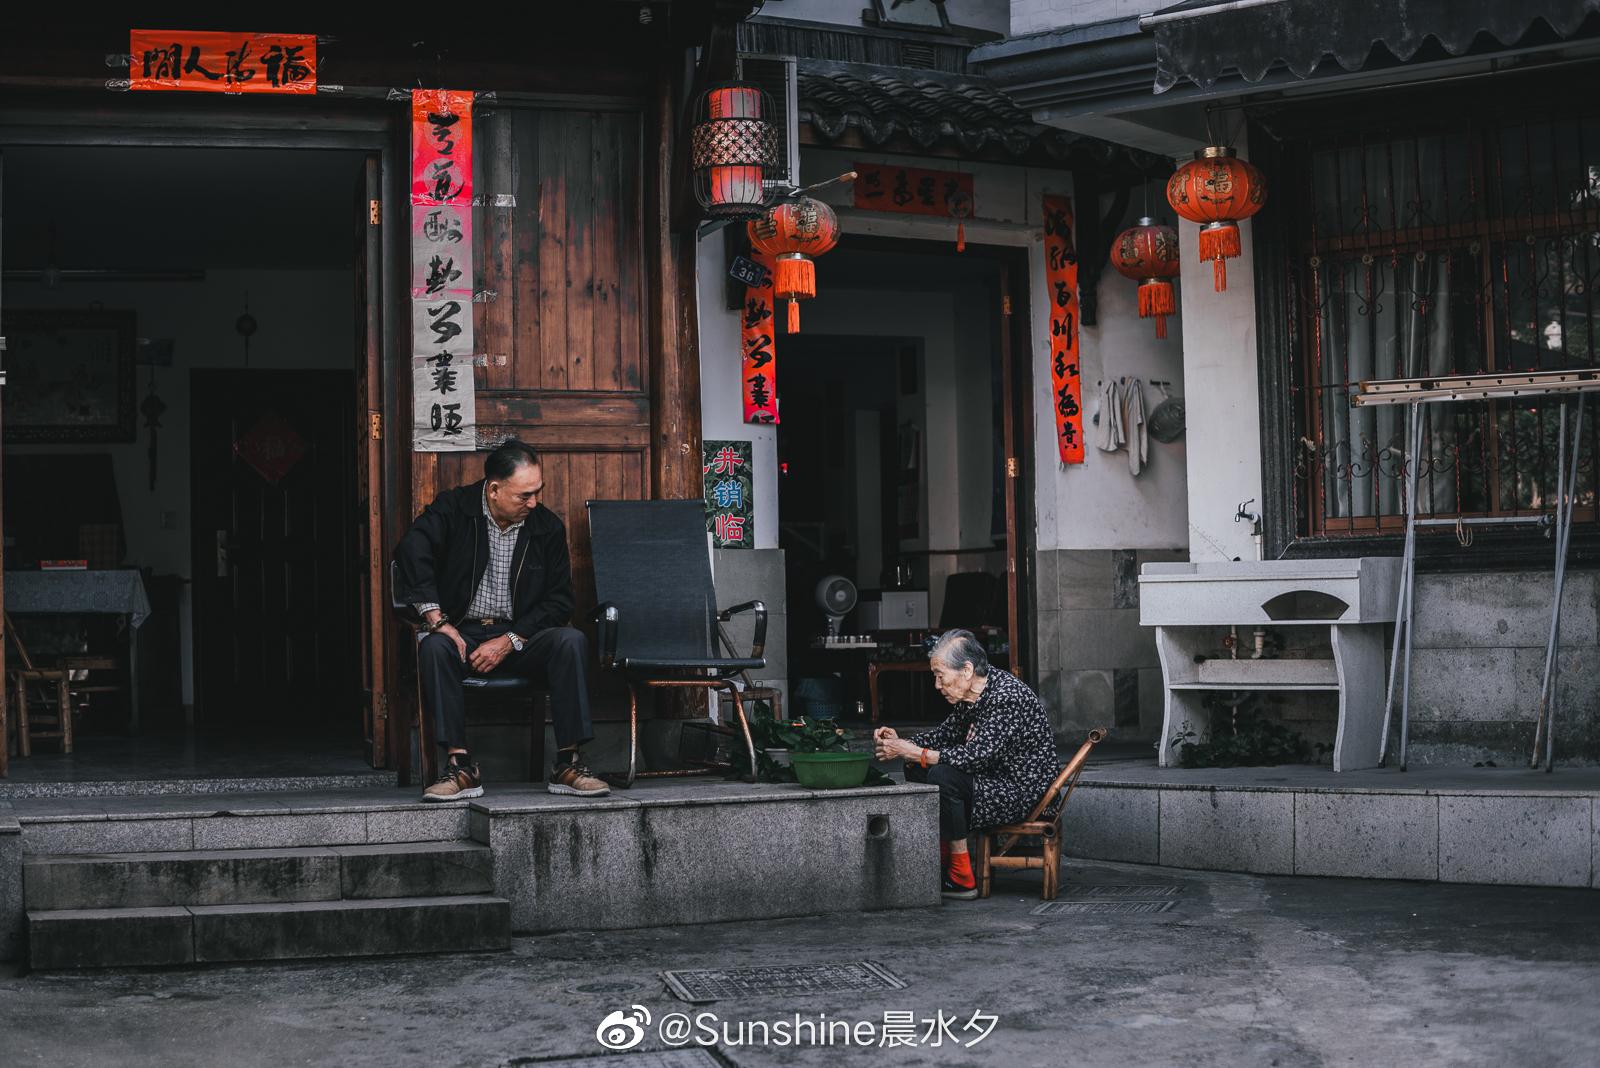 在杭州杨梅岭村的扫街随拍@Sunshine晨水夕